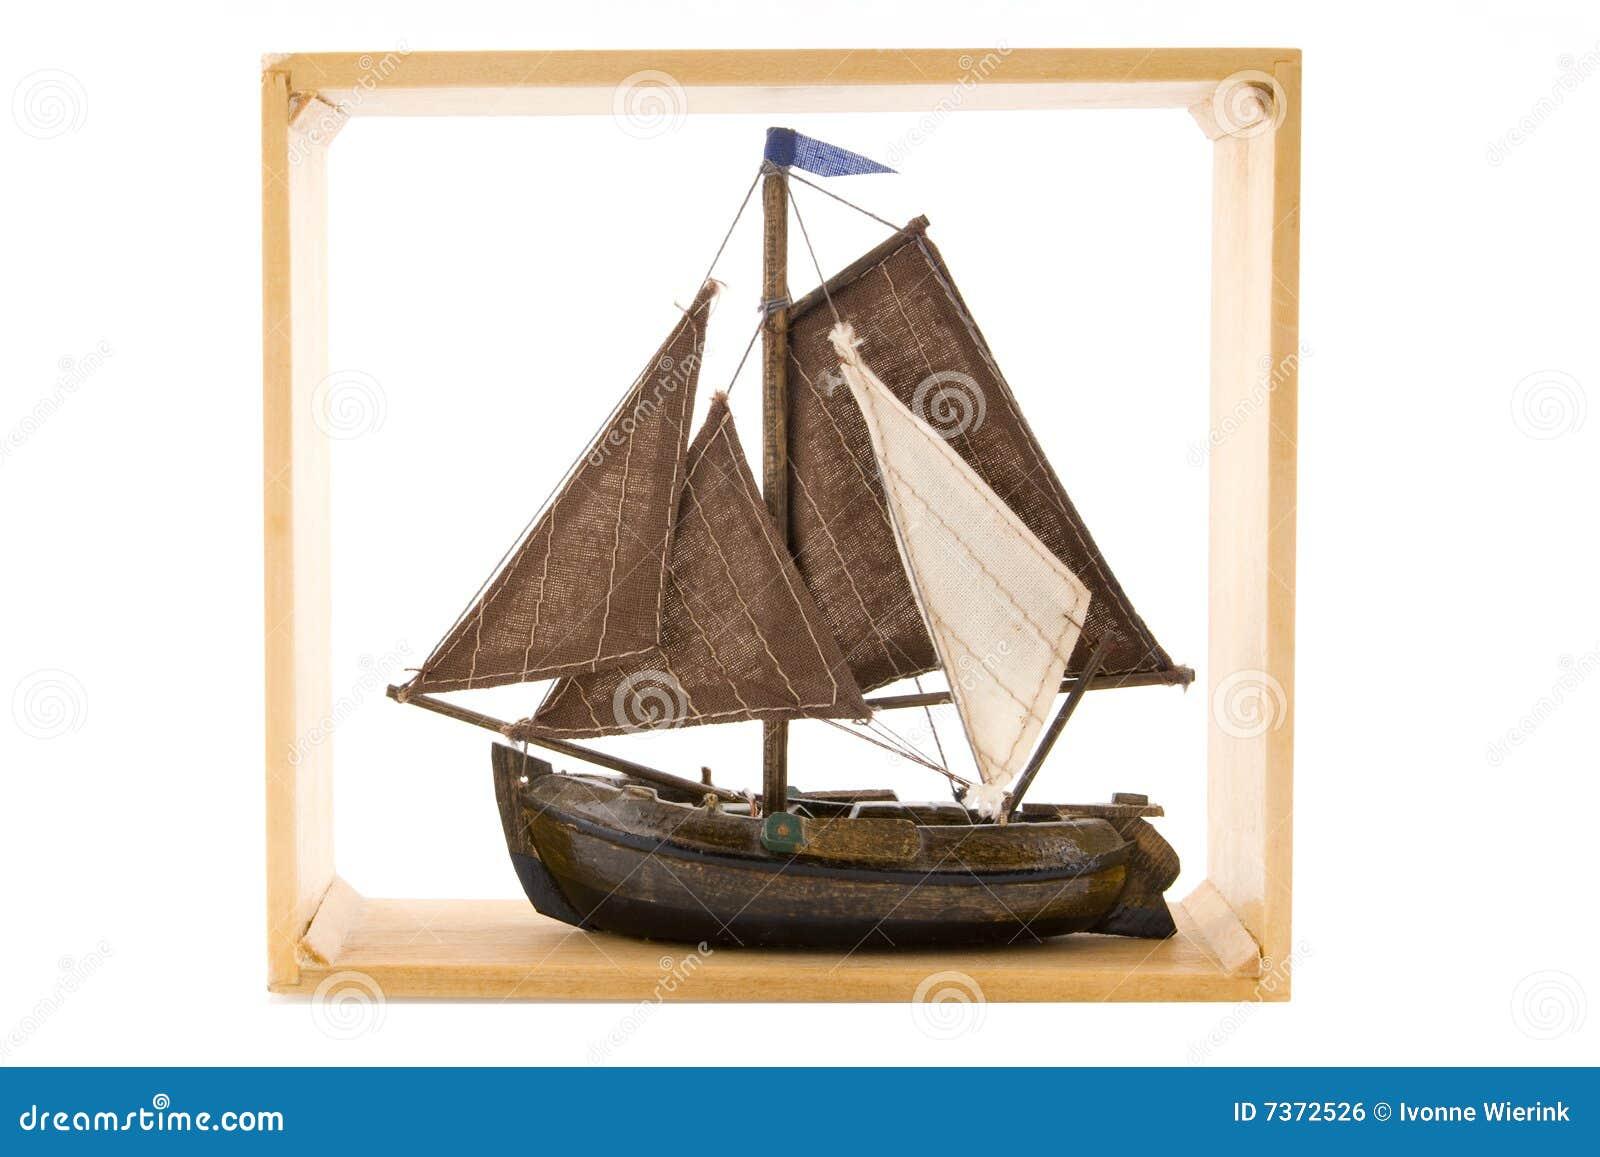 Typisches Holländisches Boot Stockfoto - Bild von segelboot, holland ...